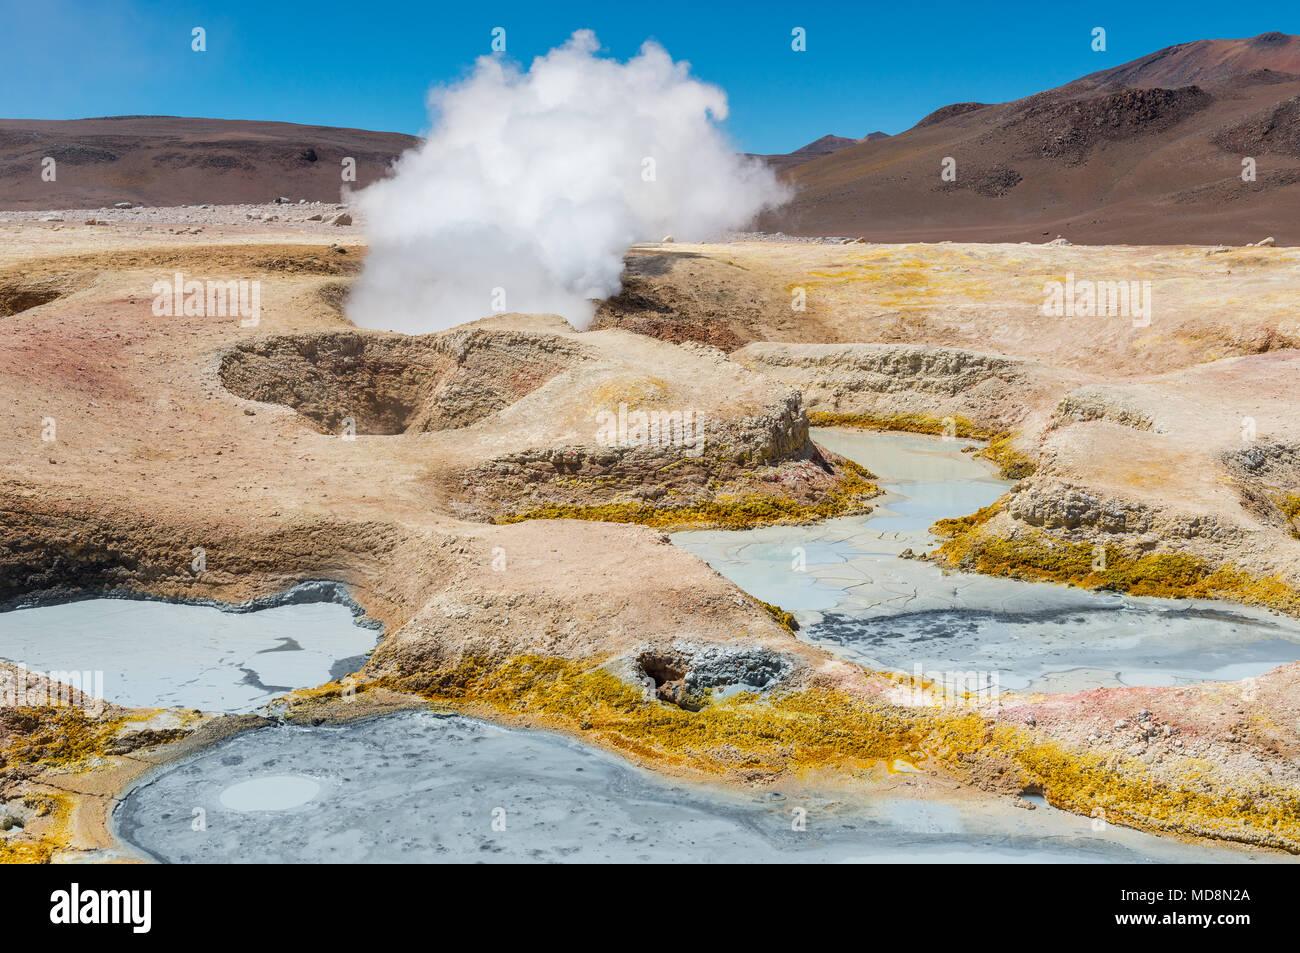 Die vulkanische Aktivität der Sol de Mañana in Bolivien in der Nähe der Grenze mit Chile und die Uyuni Salzsee. Wir sehen Mud-pits und Fumarolen mit Wasserdampf. Stockbild